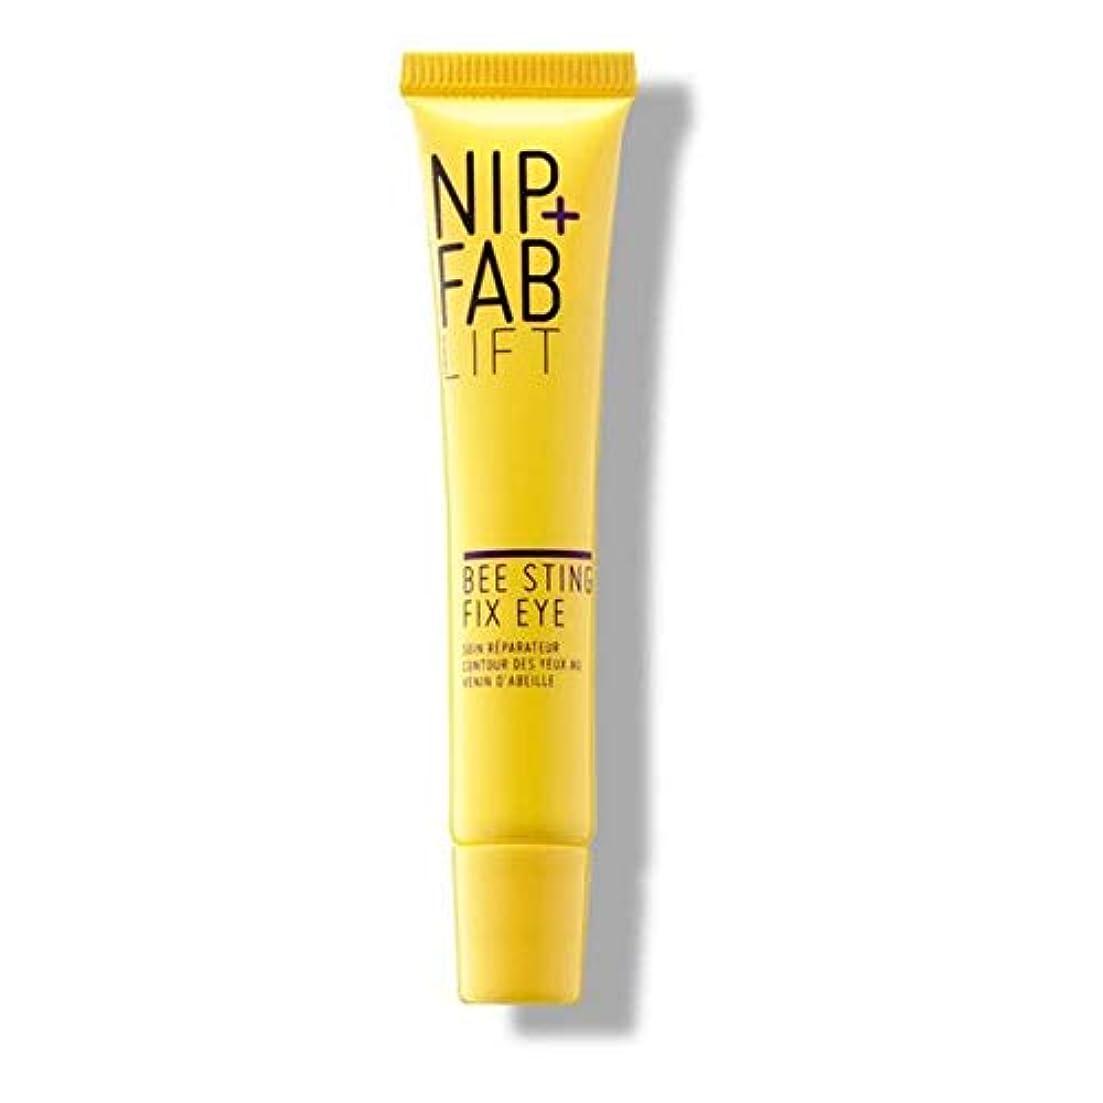 寛容専門知識属性[Nip & Fab] + Fab蜂刺傷修正アイクリーム15Mlニップ - Nip+Fab Bee Sting Fix Eye Cream 15ml [並行輸入品]